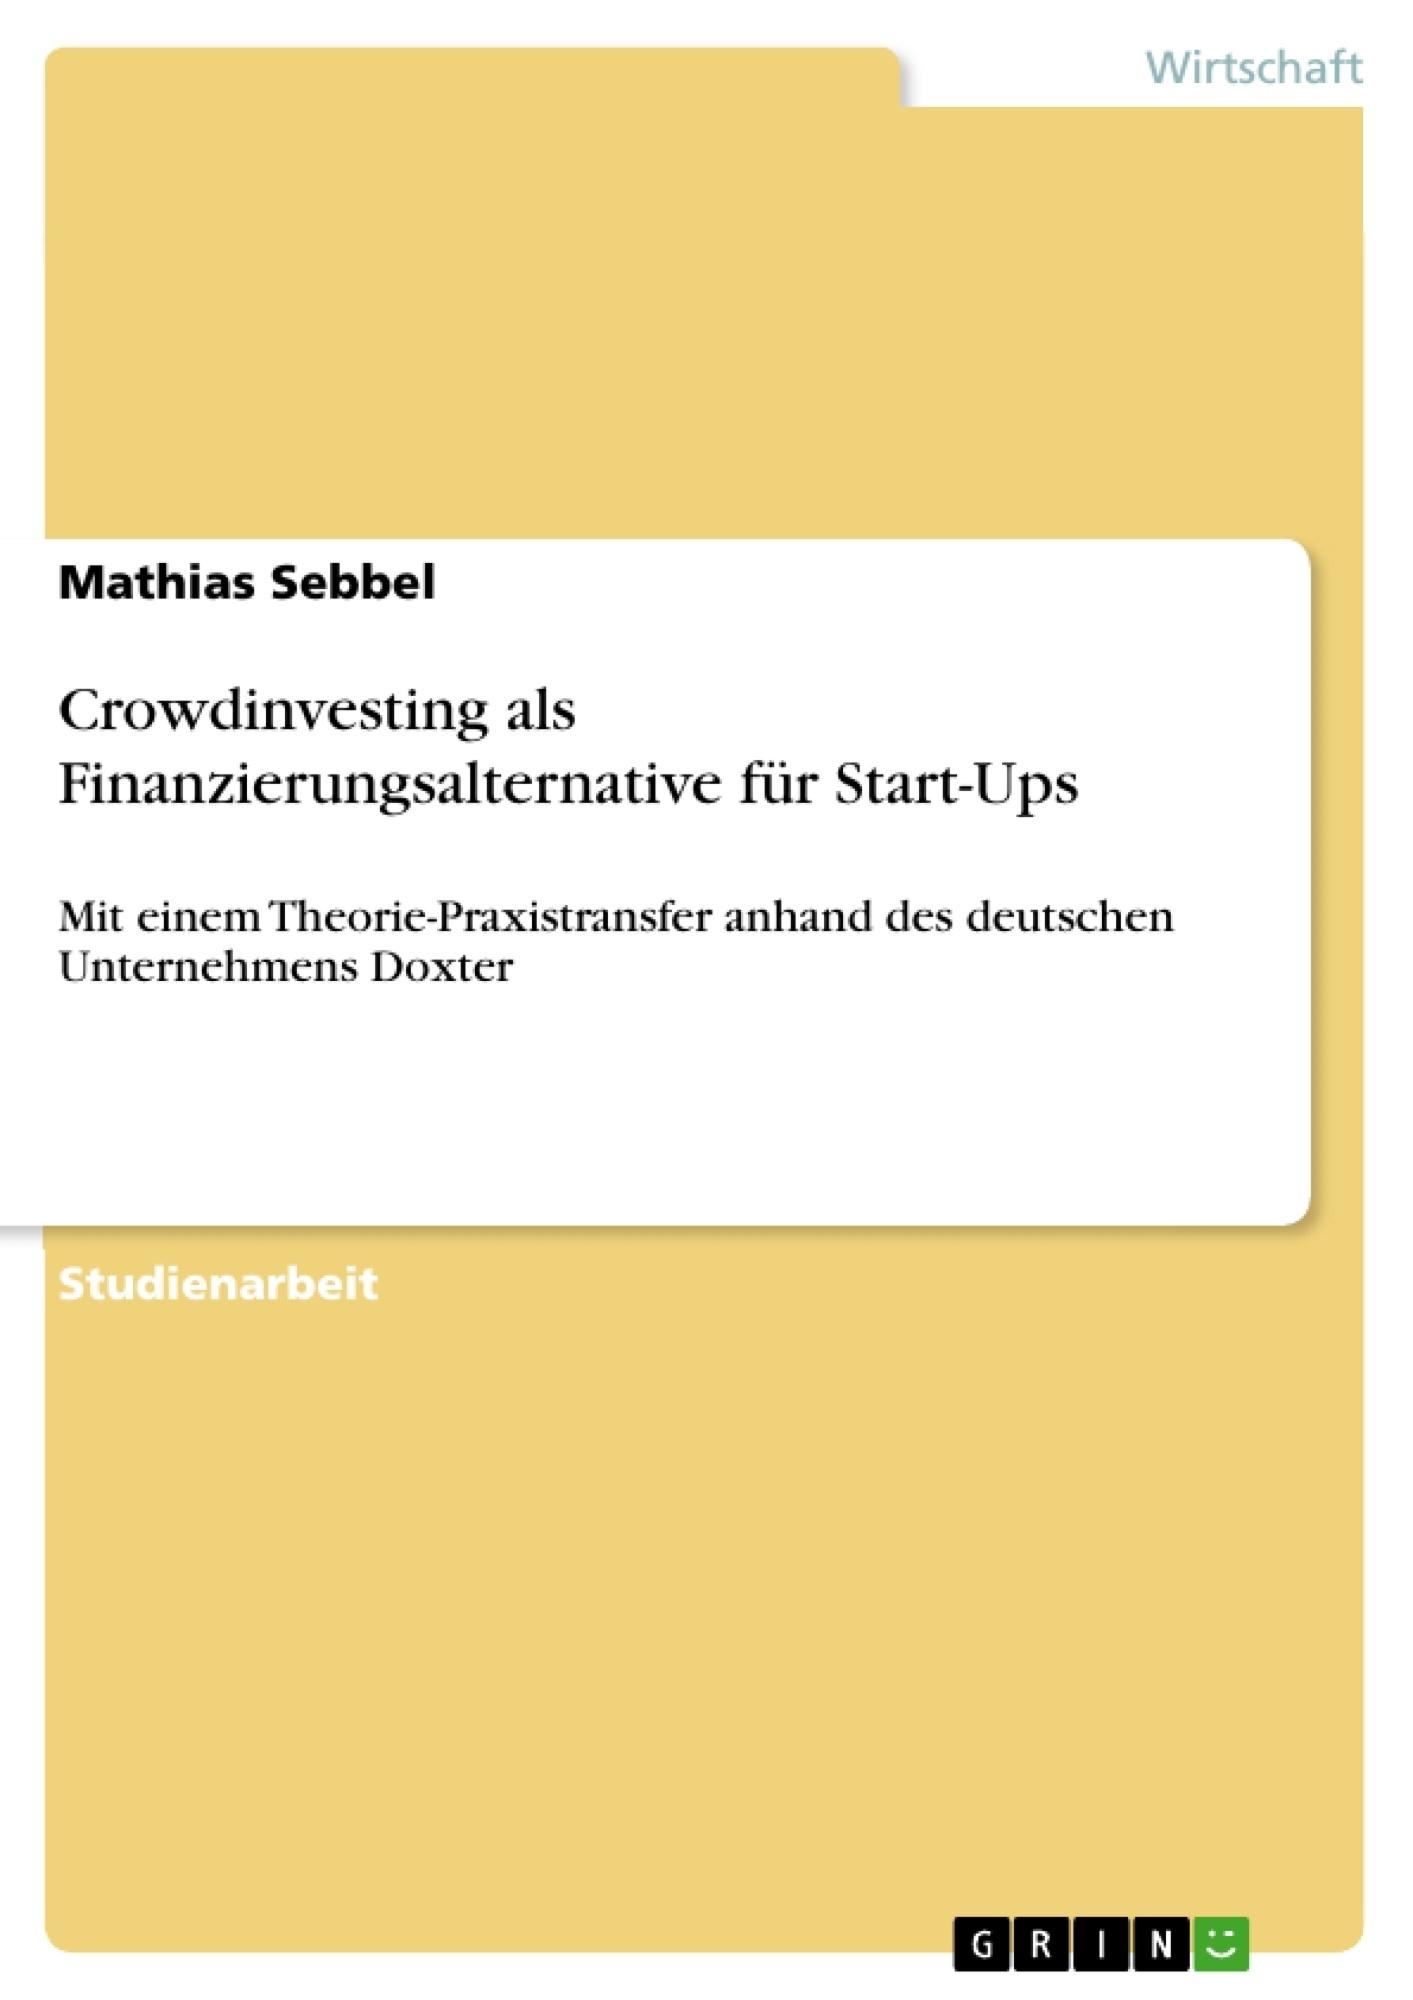 Titel: Crowdinvesting als Finanzierungsalternative für Start-Ups